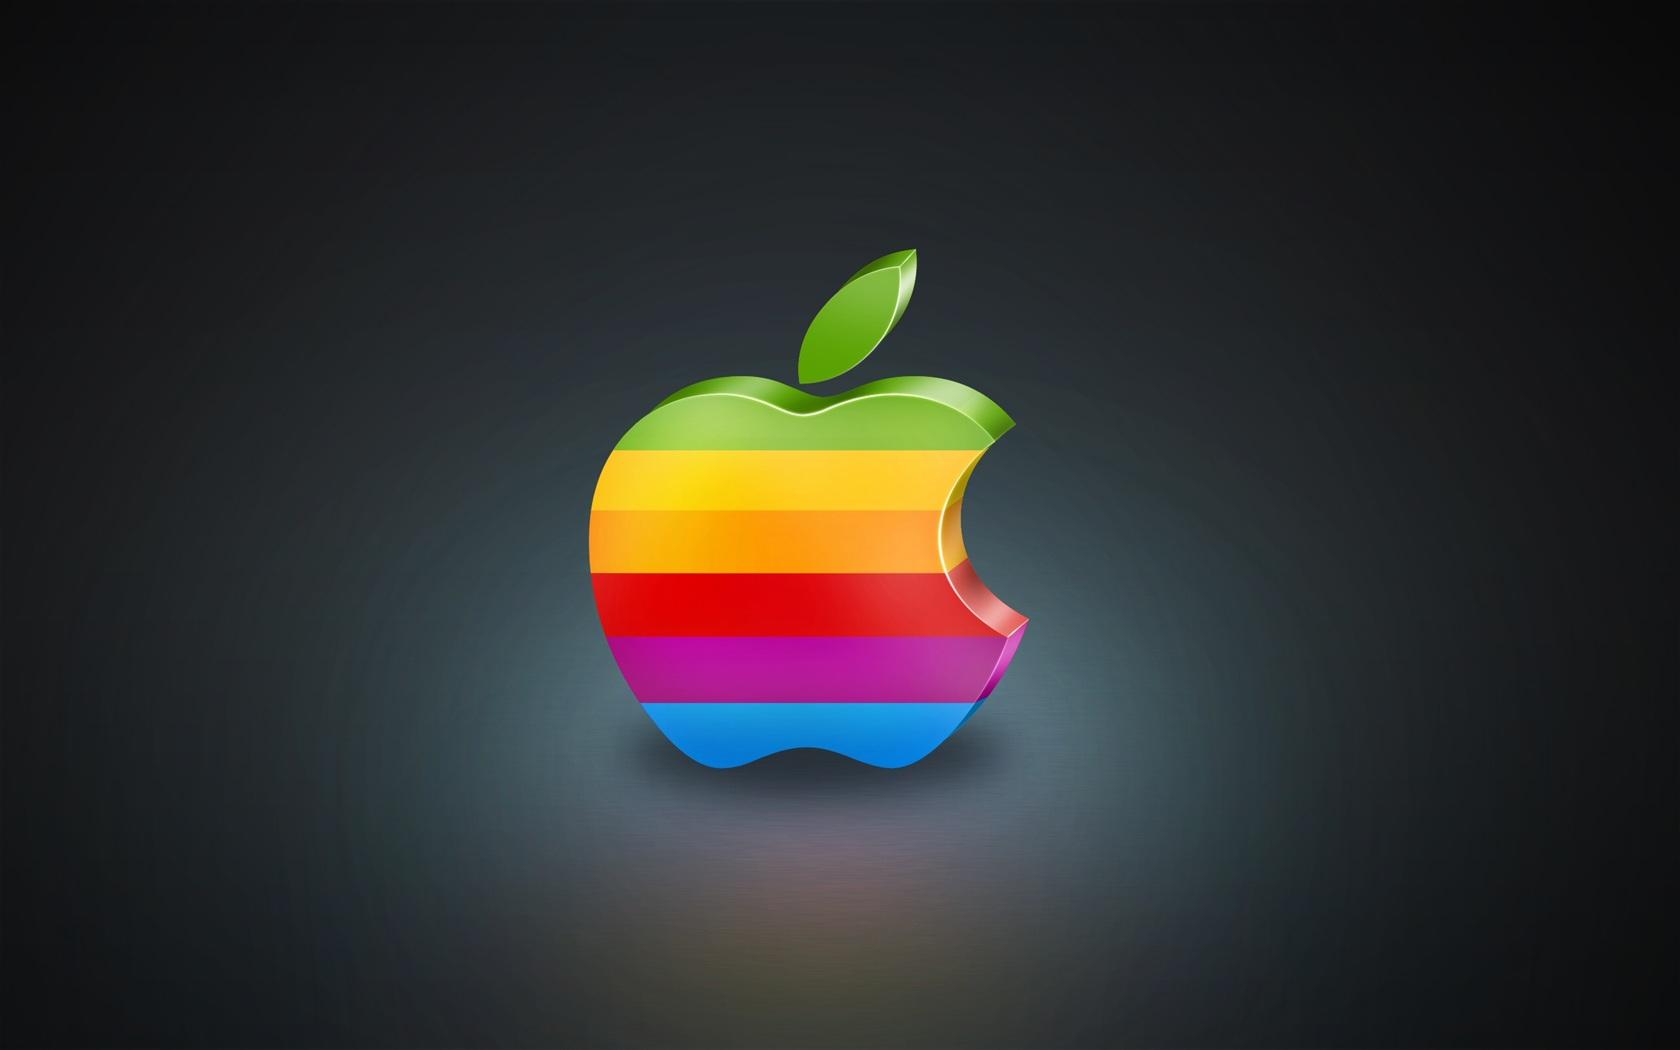 fond d'ecran 3d apple